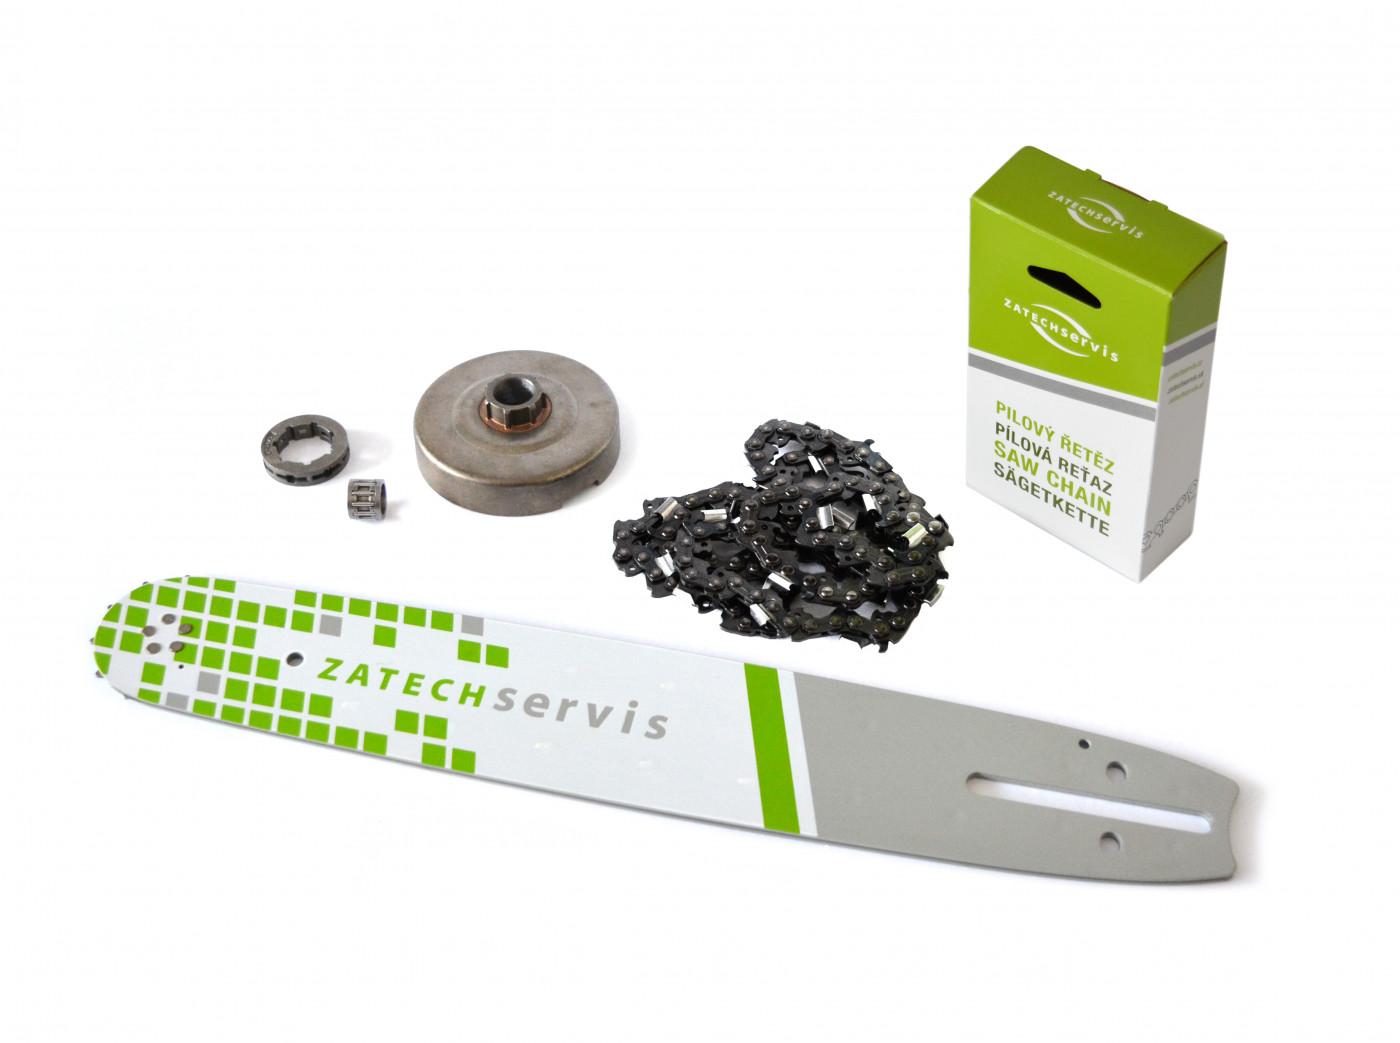 Lišta 35cm + pílový reťaz 3/8, 1,3mm - 52 článkov + Ozubenie pre Partner 350 351